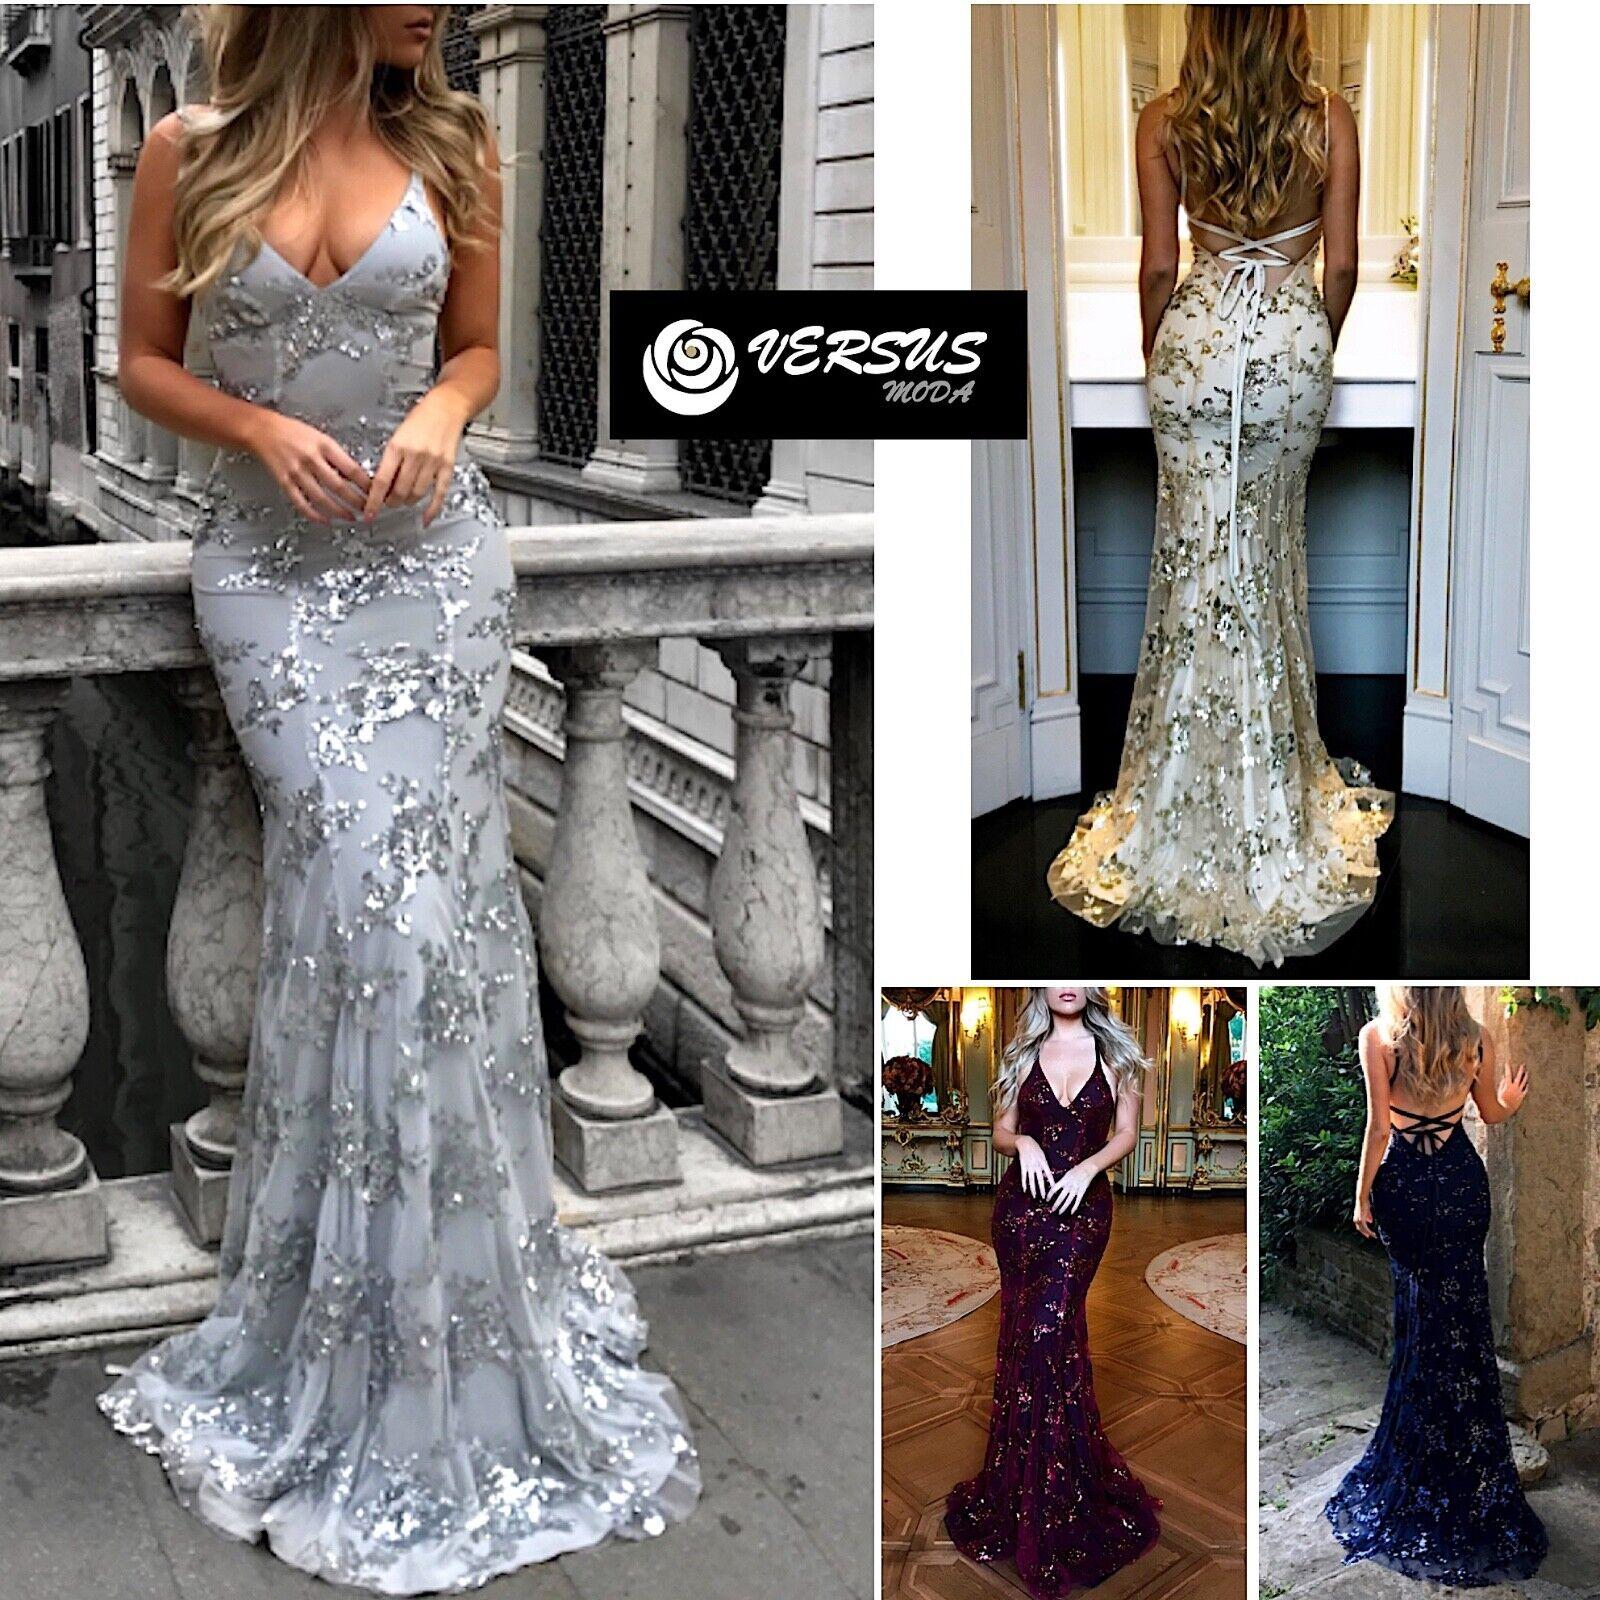 9dcc9c344ba6 Vestito Lungo Donna Donna Donna Cerimonia Pailettes Donna Party Sequins Maxi  Dress 110396 0fcaf5